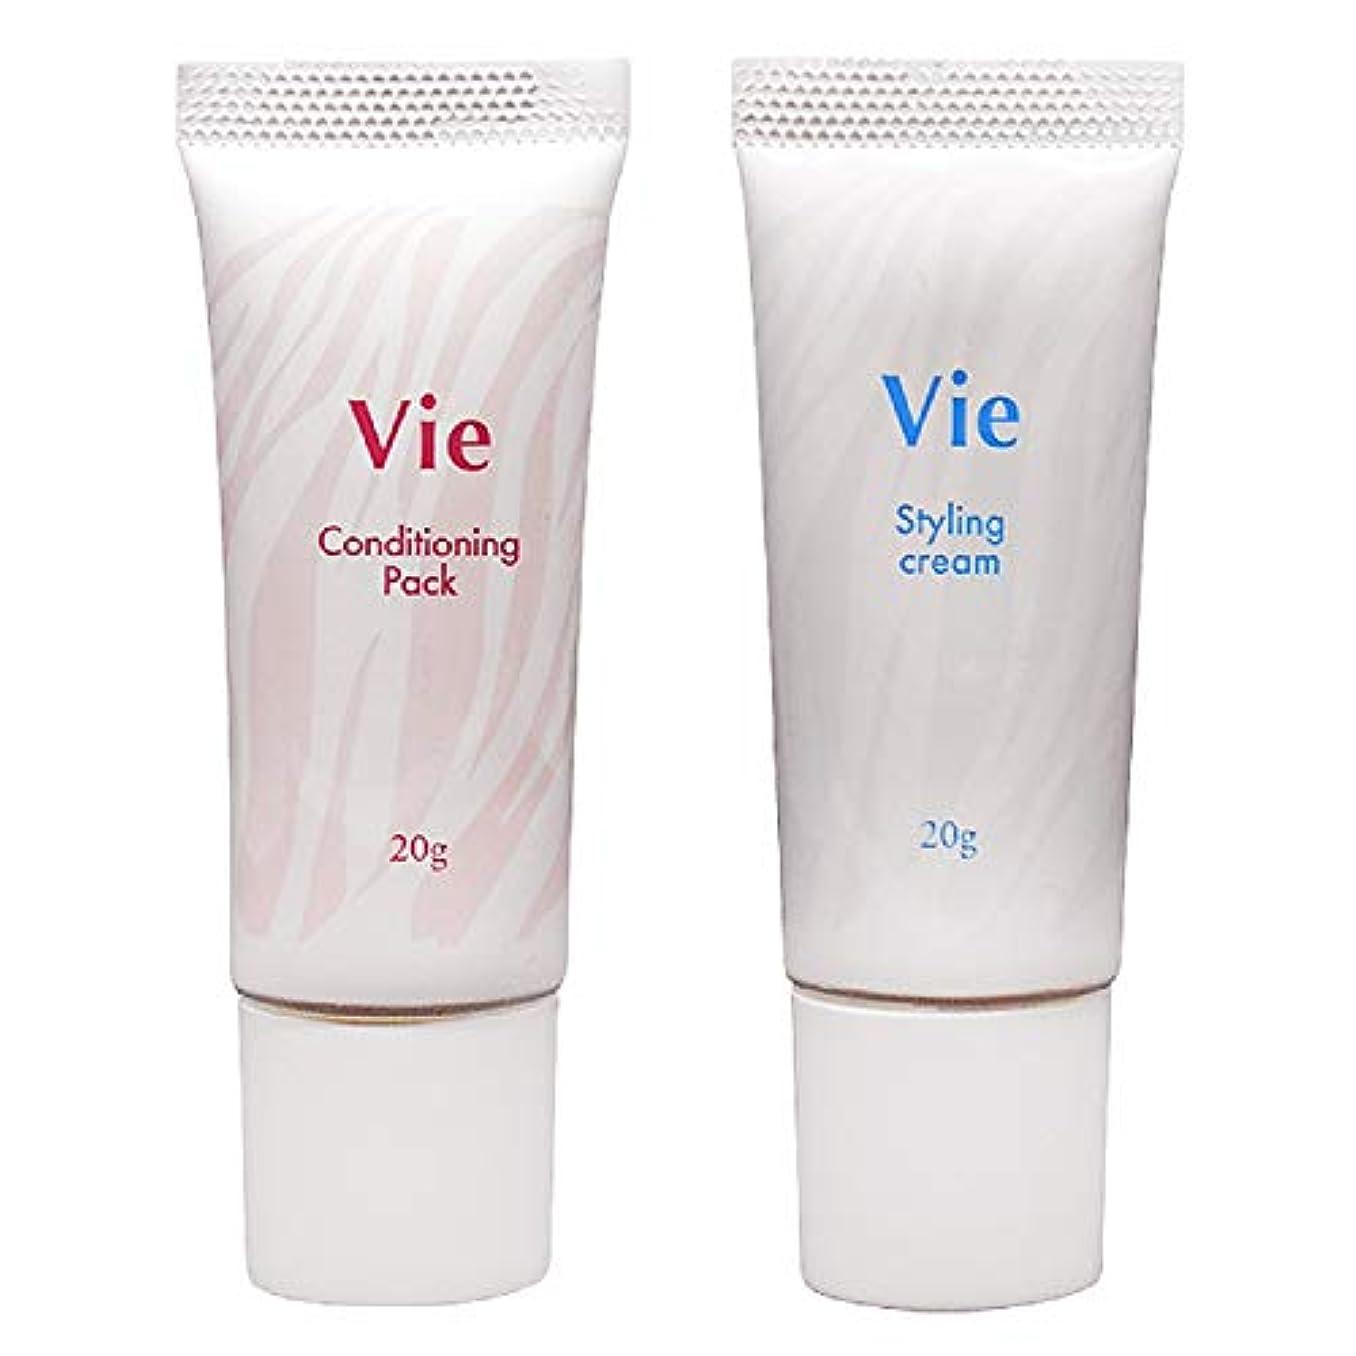 詩人レーザ文法Vie コンディショニングパック 20g + スタイリングクリーム20g セット